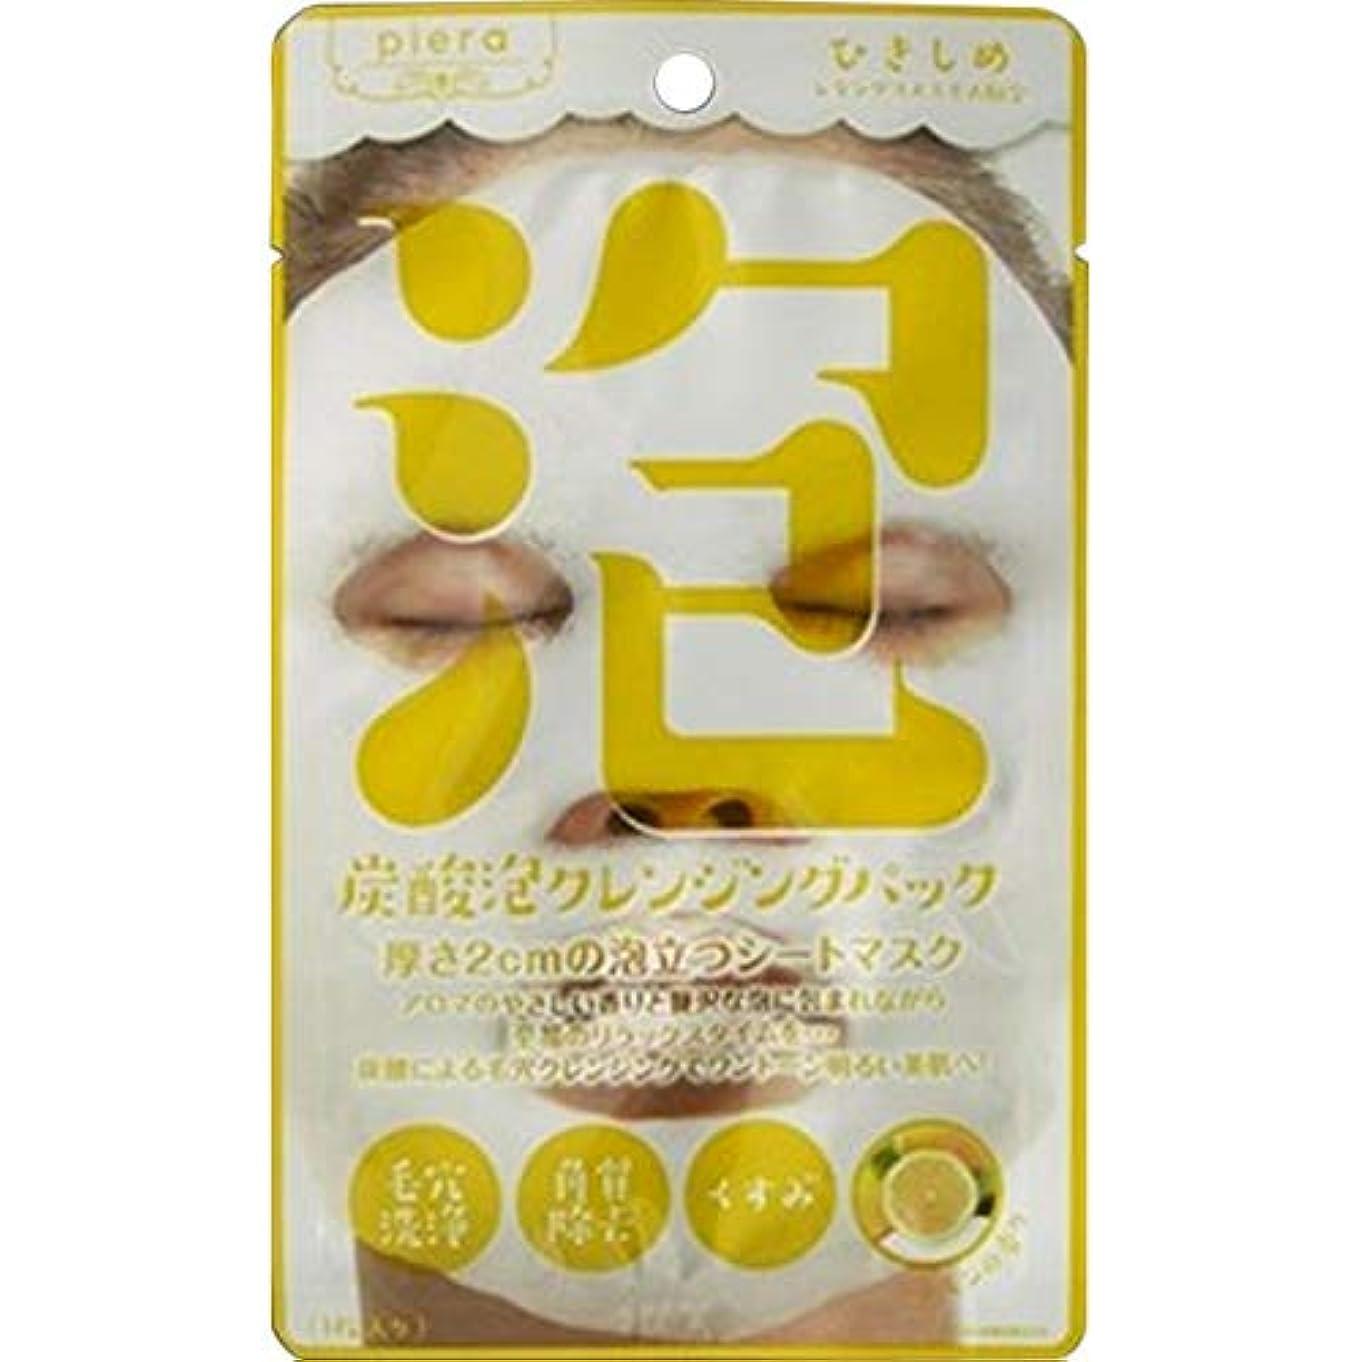 幻想的アドバンテージ火薬ピエラ 炭酸泡パック レモン 1枚